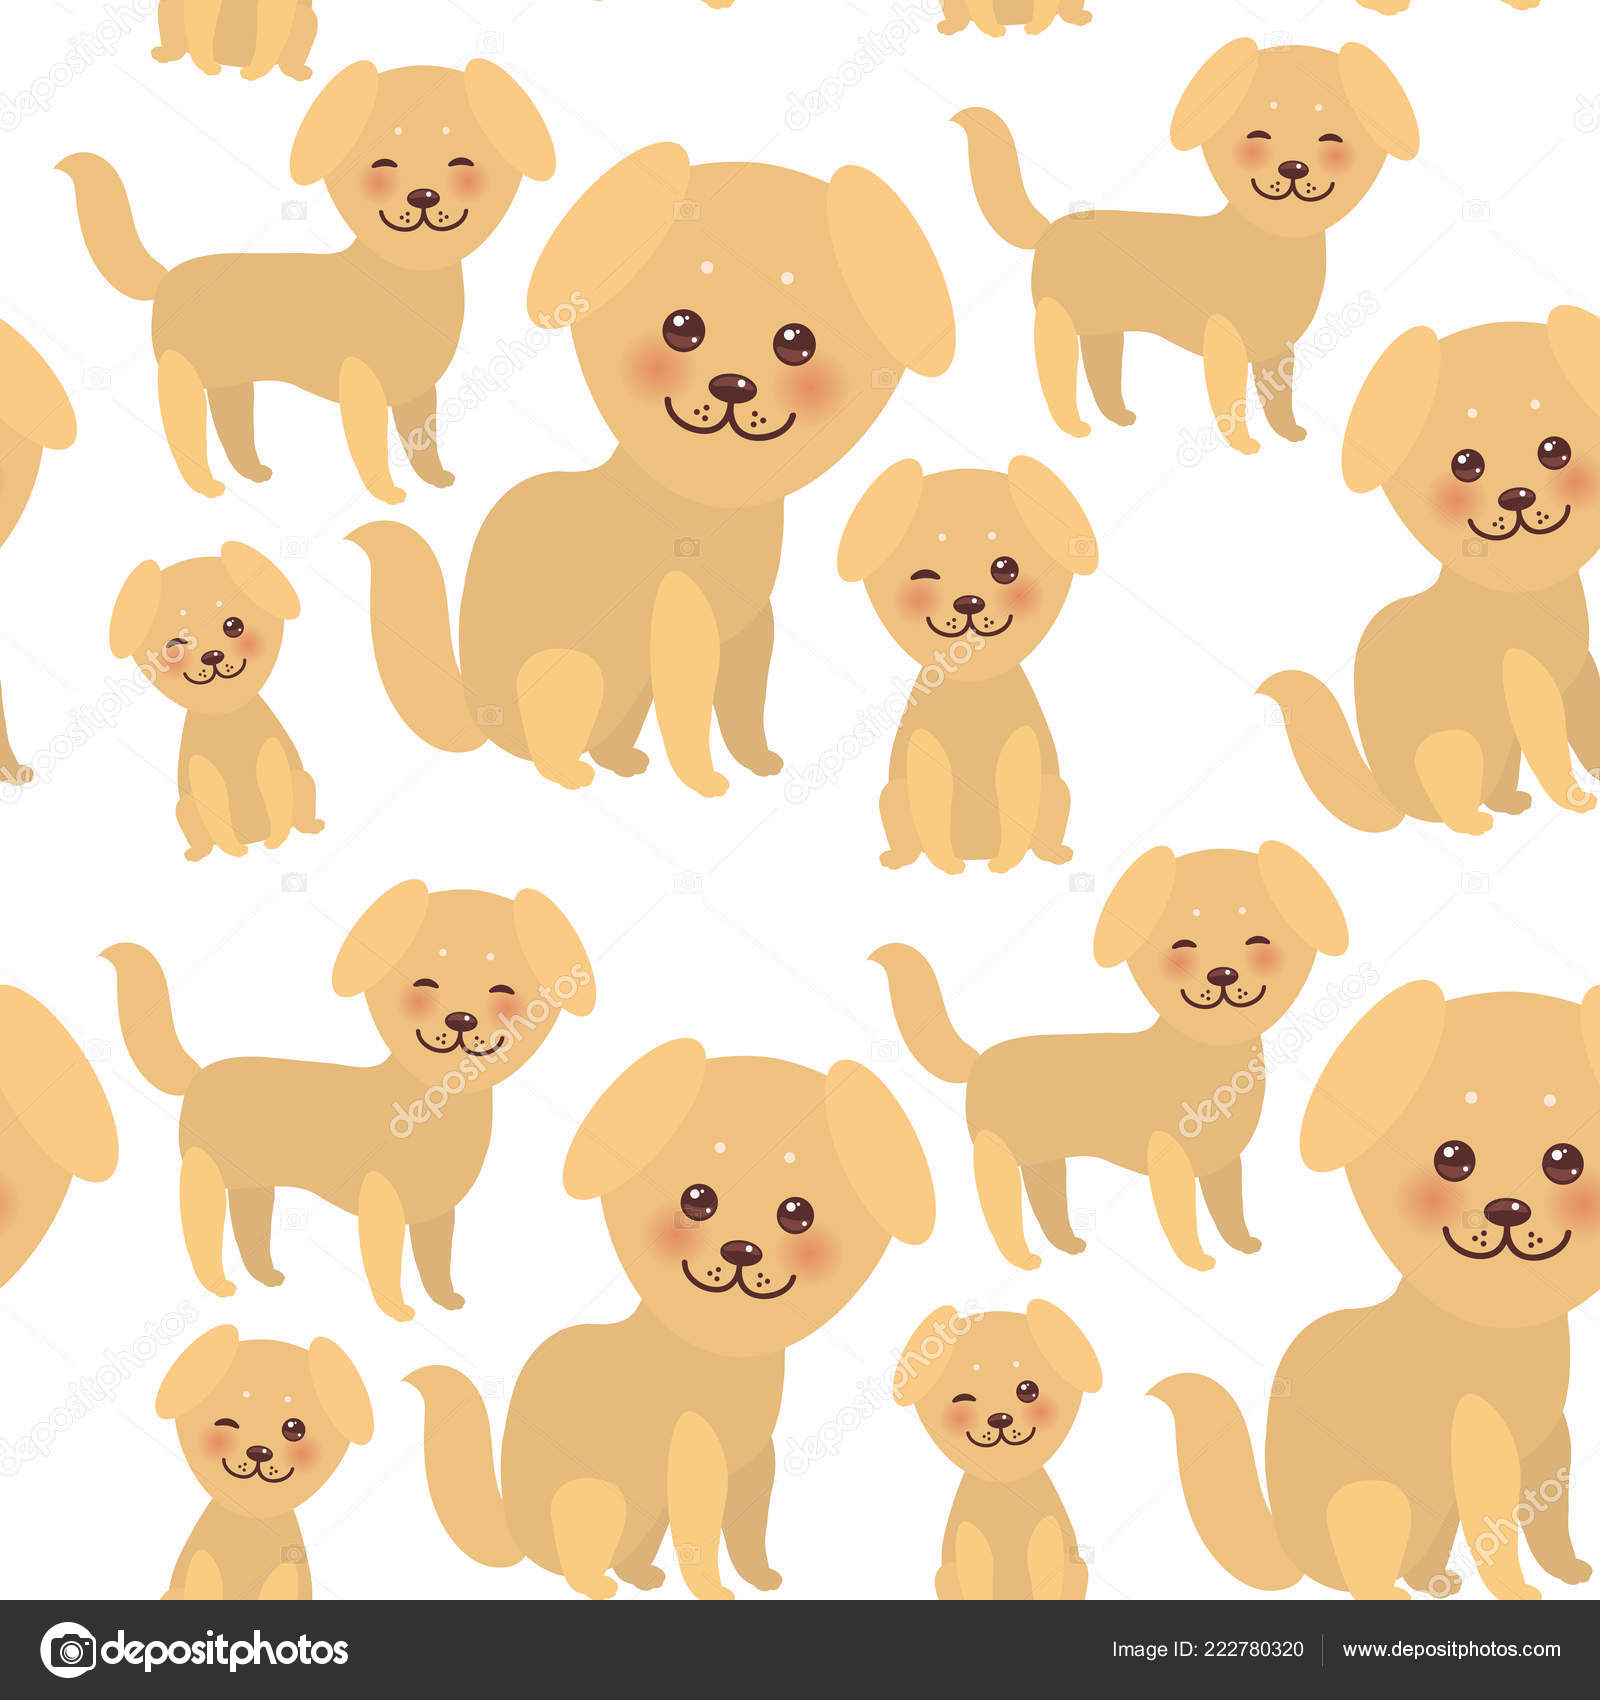 Padrão Sem Emenda Kawaii Engraçado Dourado Bege Cachorro